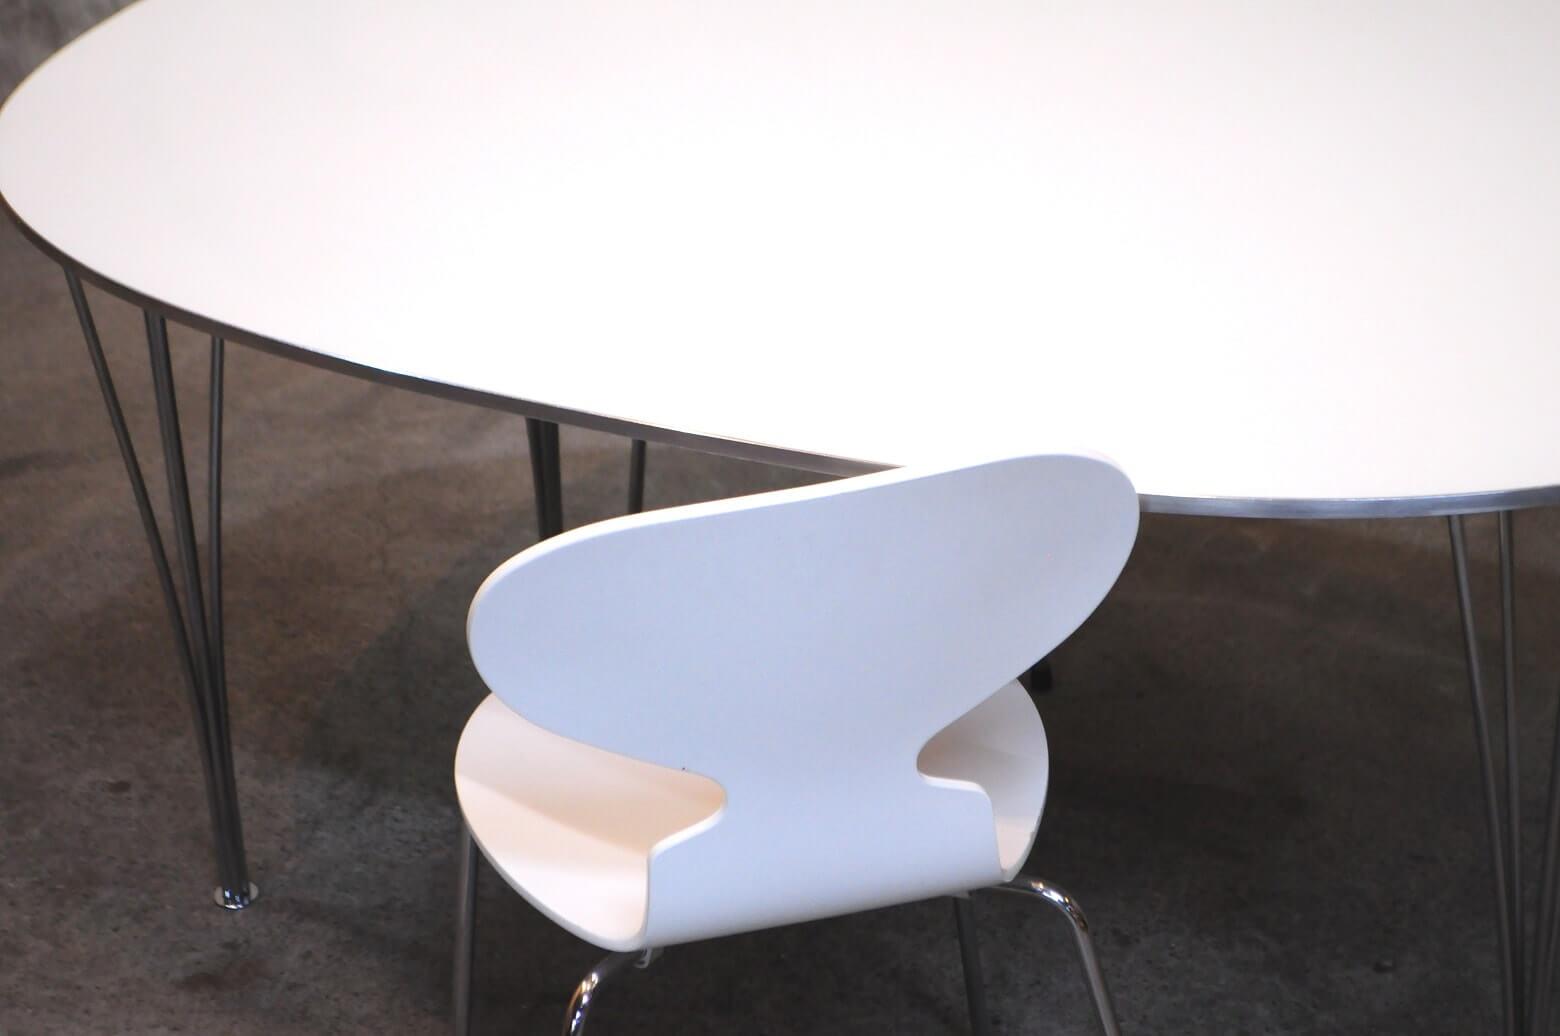 アルネ・ヤコブセンが 手がけた最初の成形合板のスタッキングチェアとして 現在でもフリッツ・ハンセンを代表するアイコンのひとつ  アント(アリンコ)チェア。 そもそもは、アルネ・ヤコブセンが建築した製薬会社の社員食堂の椅子としてデザインされましたが 身体の形状や動きに柔軟に適応する座り心地のよさで一般のご家庭でも使用され 60年以上も愛され続けるロングセラー商品となりました。 機能美だけでなくフォルムの美しさは、デンマークの家具の代名詞ともいわれる芸術作品です。 是非この機会にいかがでしょうか。 ~【東京都杉並区阿佐ヶ谷北アンティークショップ 古一】 古一/ふるいちでは出張無料買取も行っております。杉並区周辺はもちろん、世田谷区・目黒区・武蔵野市・新宿区等の東京近郊のお見積もりも!ビンテージ家具・インテリア雑貨・ランプ・USED品・ リサイクルなら古一/フルイチへ~